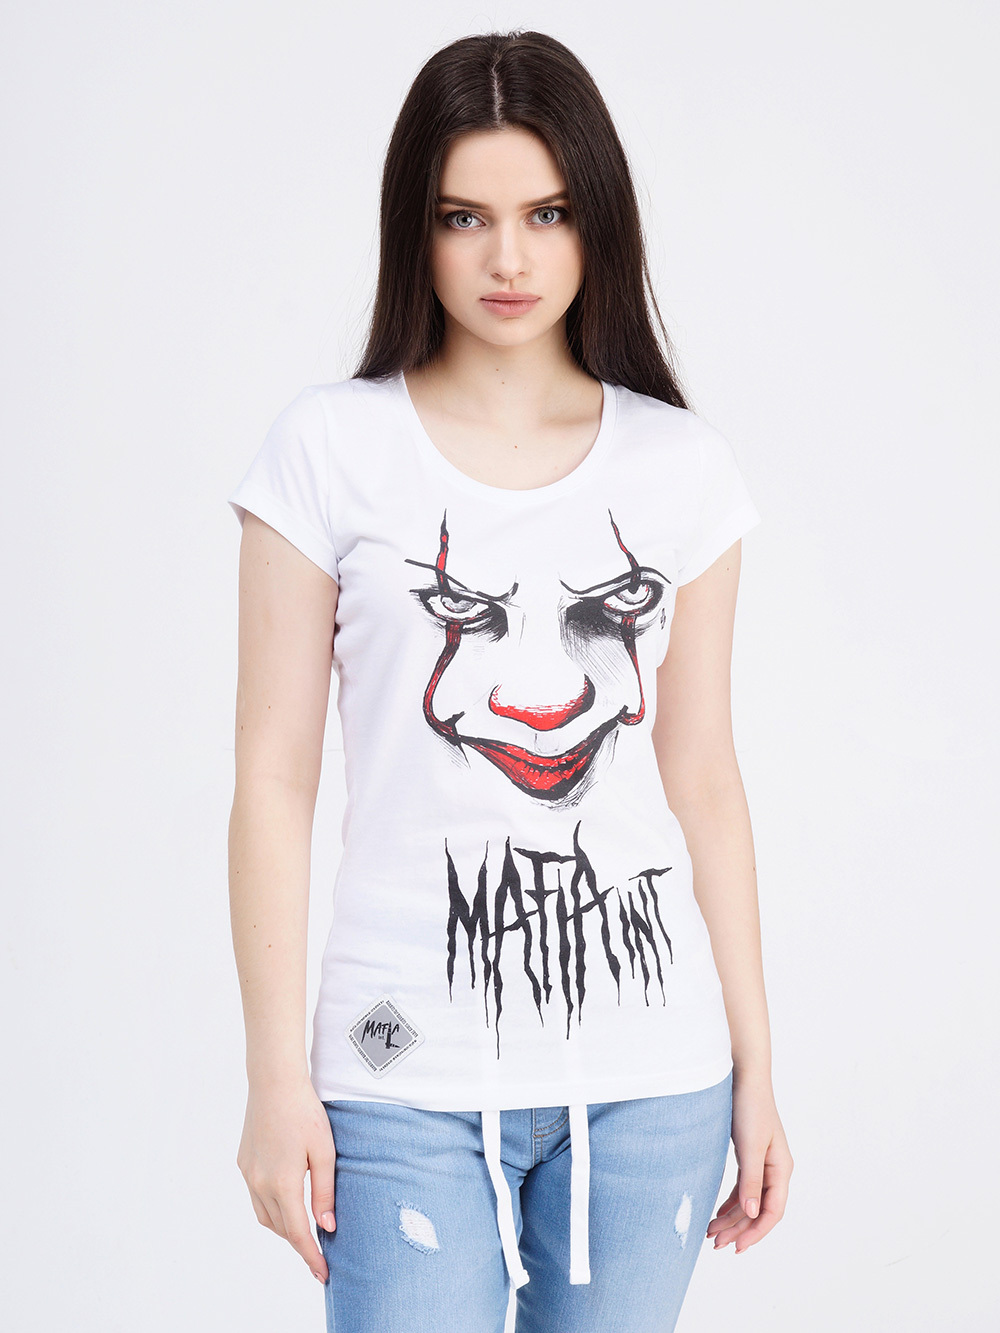 фото на футболку в уфе этом позитивном смысле